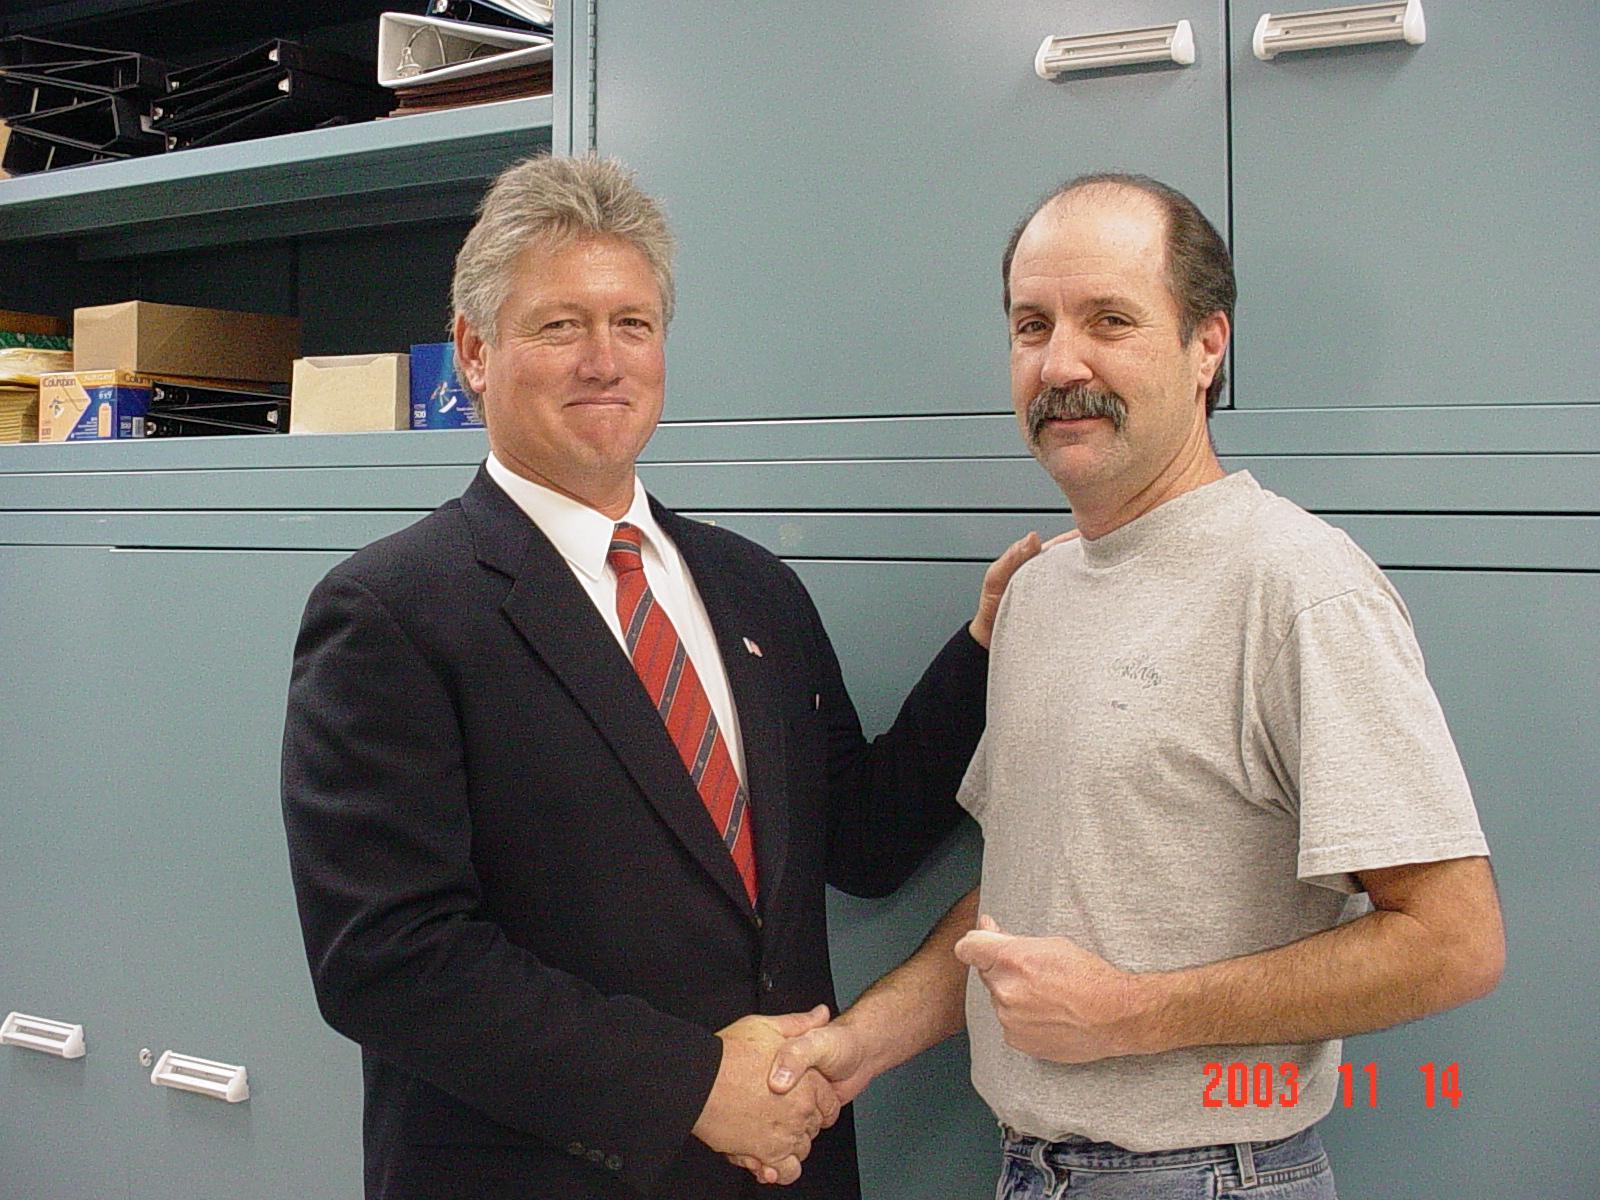 DSC01245 - Bill Clinton